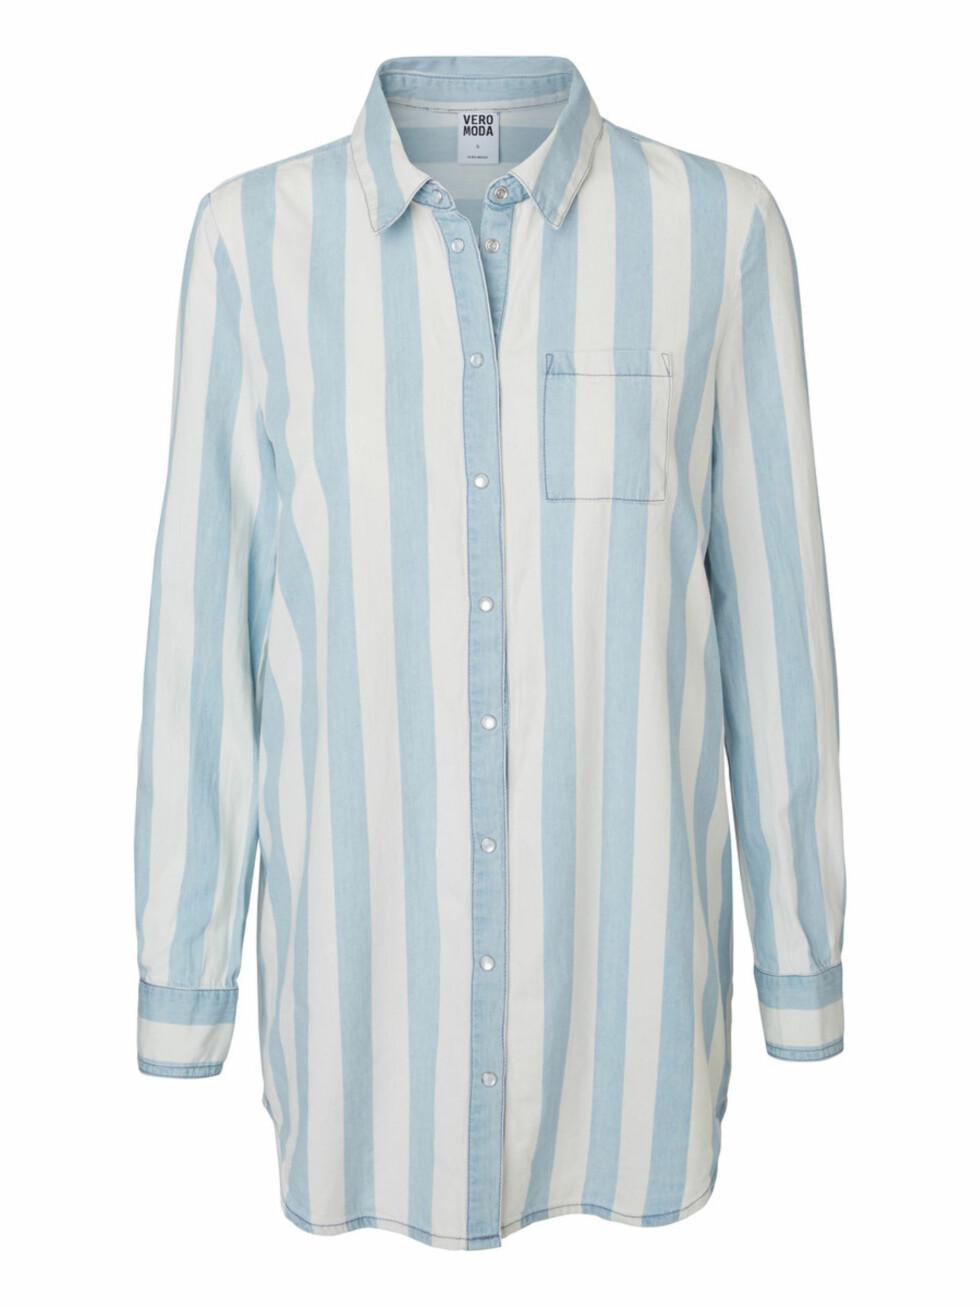 Skjorte fra Vero Moda, kr 349,95. Foto: Produsenten.